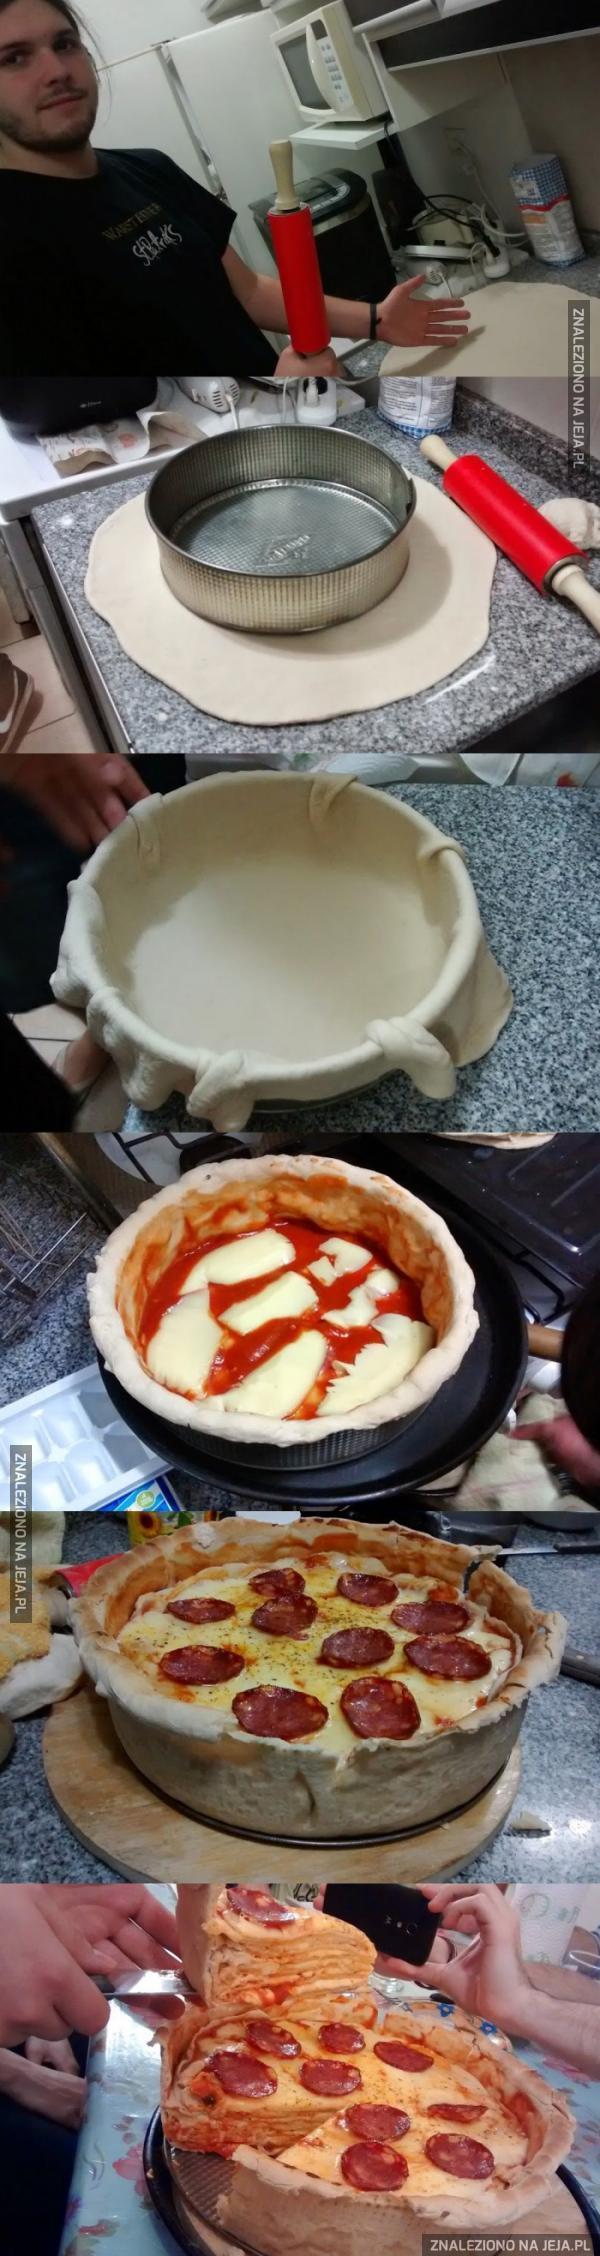 Piękna pizza!